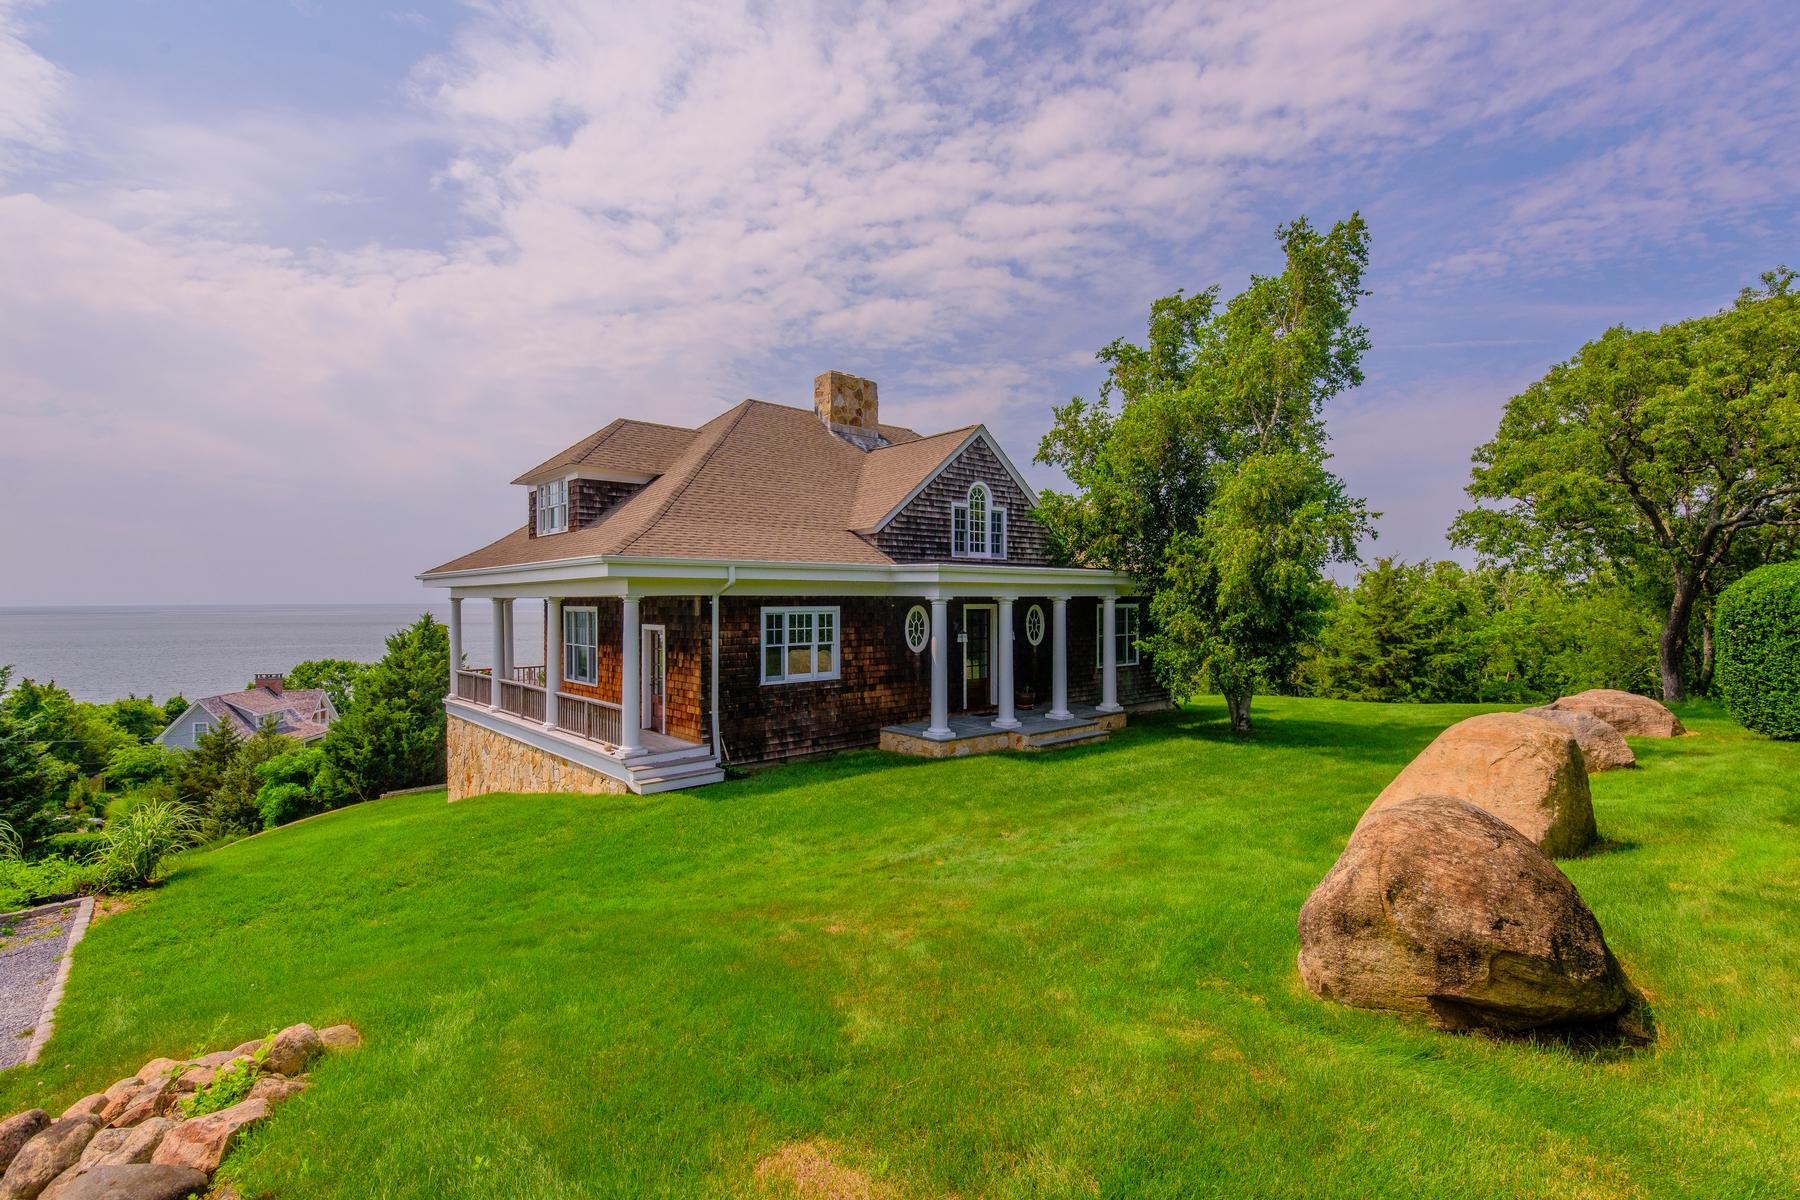 Maison unifamiliale pour l Vente à Traditional 1105 Birdseye Rd Orient, New York, 11957 États-Unis